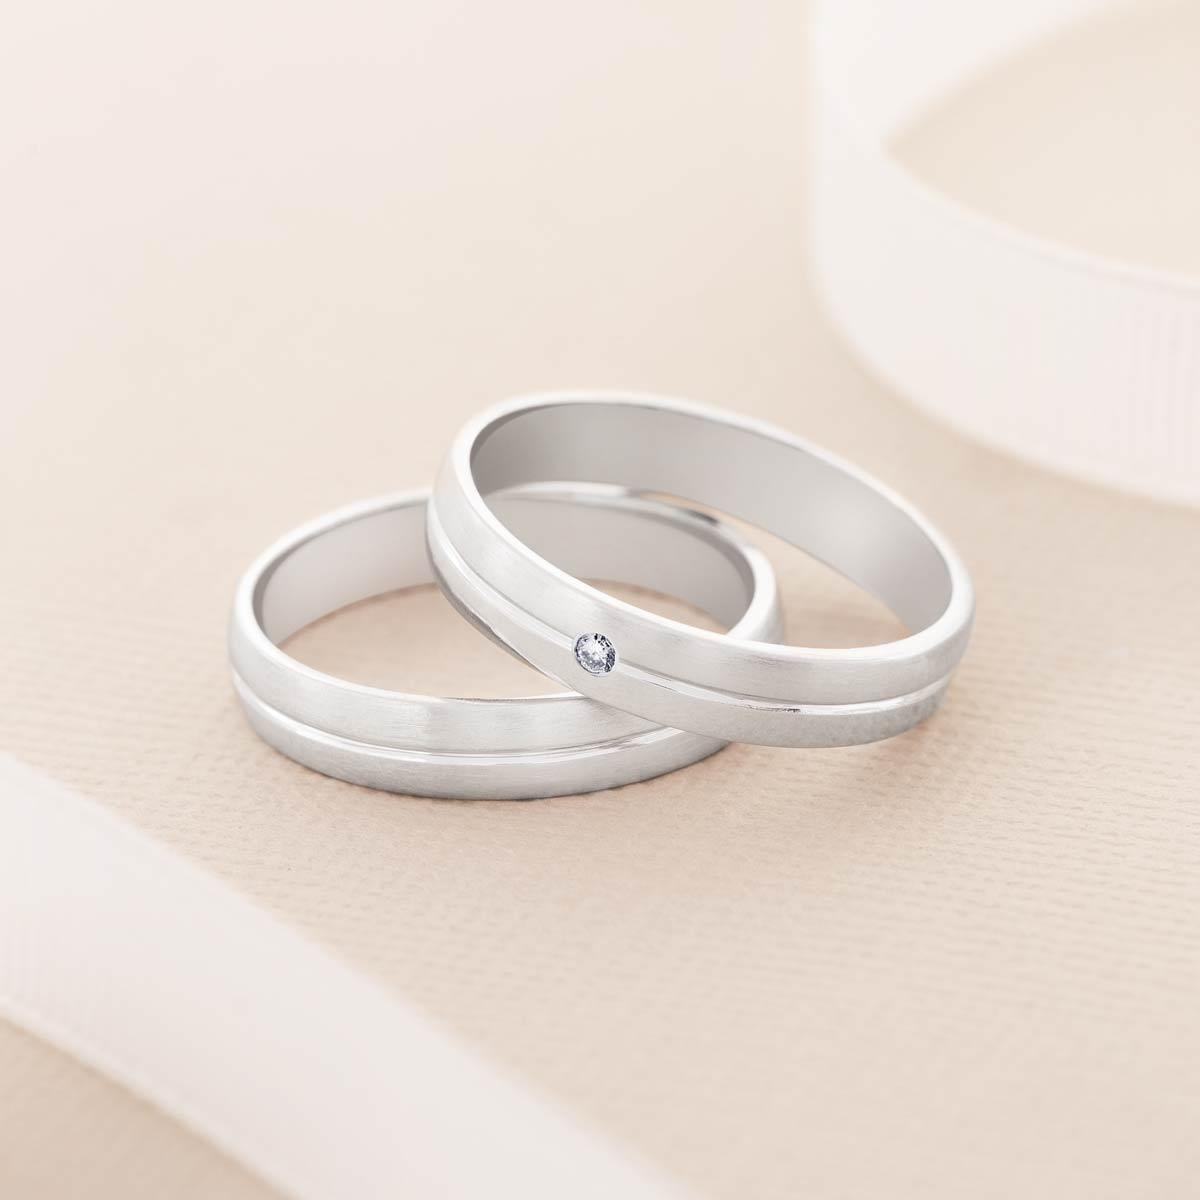 Tipos de alianzas de boda 35 - Los 6 Tipos de Alianzas de Boda que Puedes Elegir